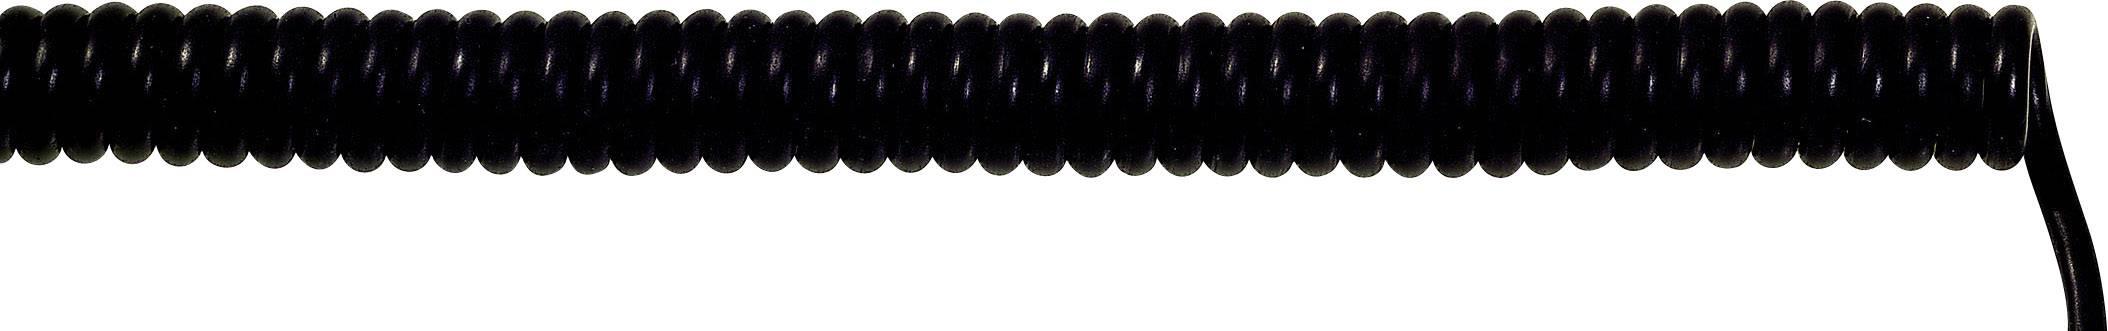 Špirálový kábel 73220231 UNITRONIC® SPIRAL 12 x 0.14 mm², 200 mm / 800 mm, čierna